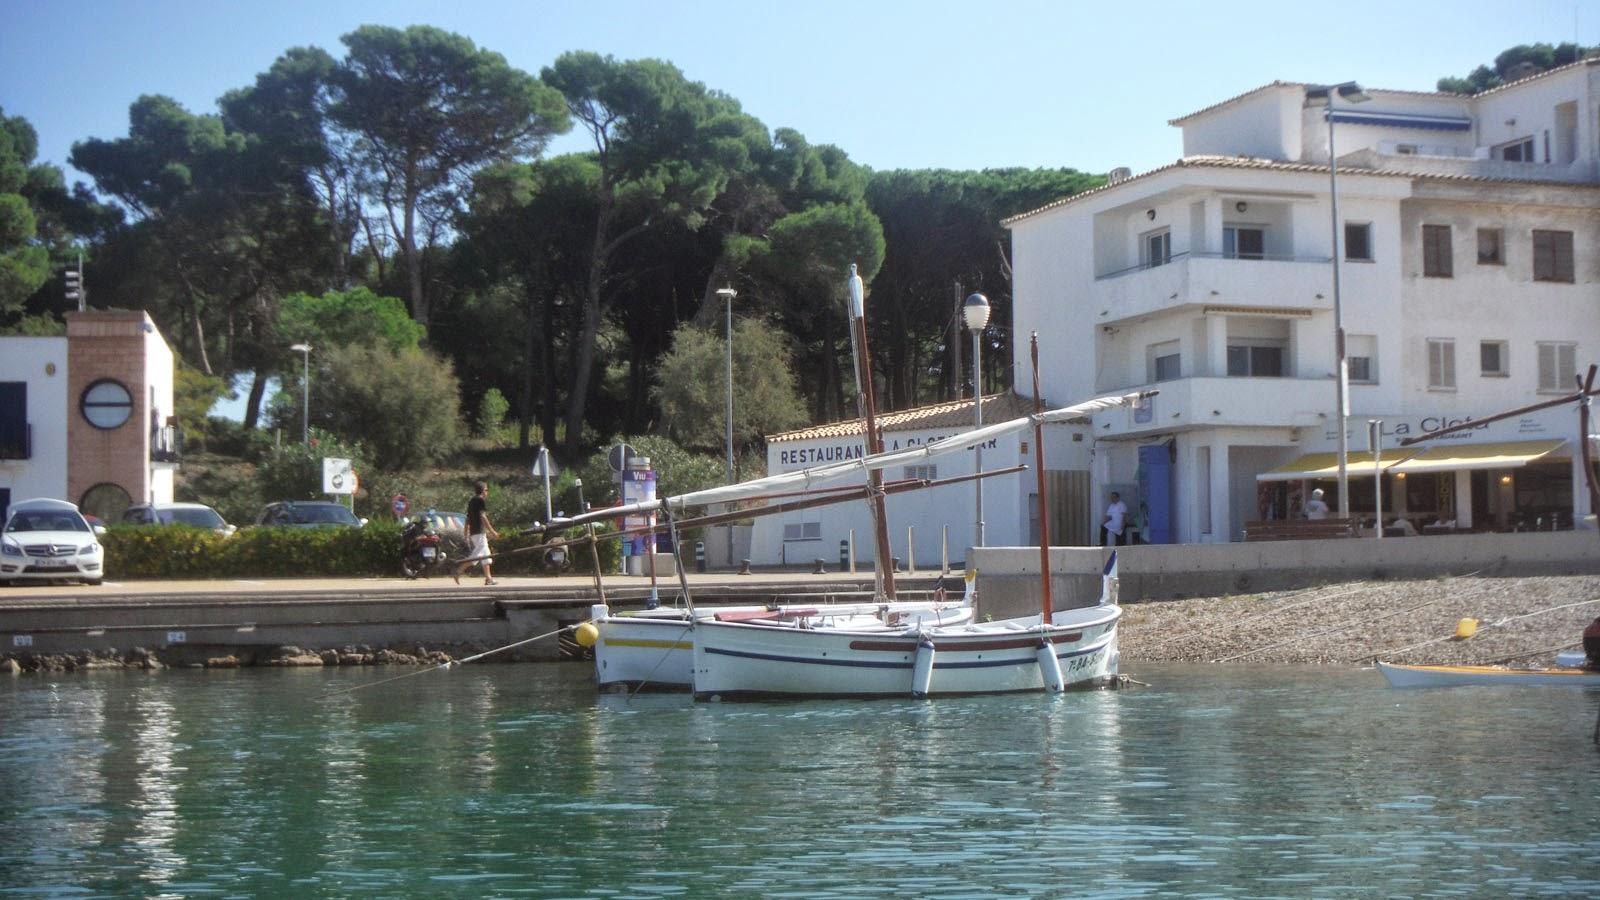 Sortim de la platja del port de la clota - Pesca i caiac Costa Brava - L'escala